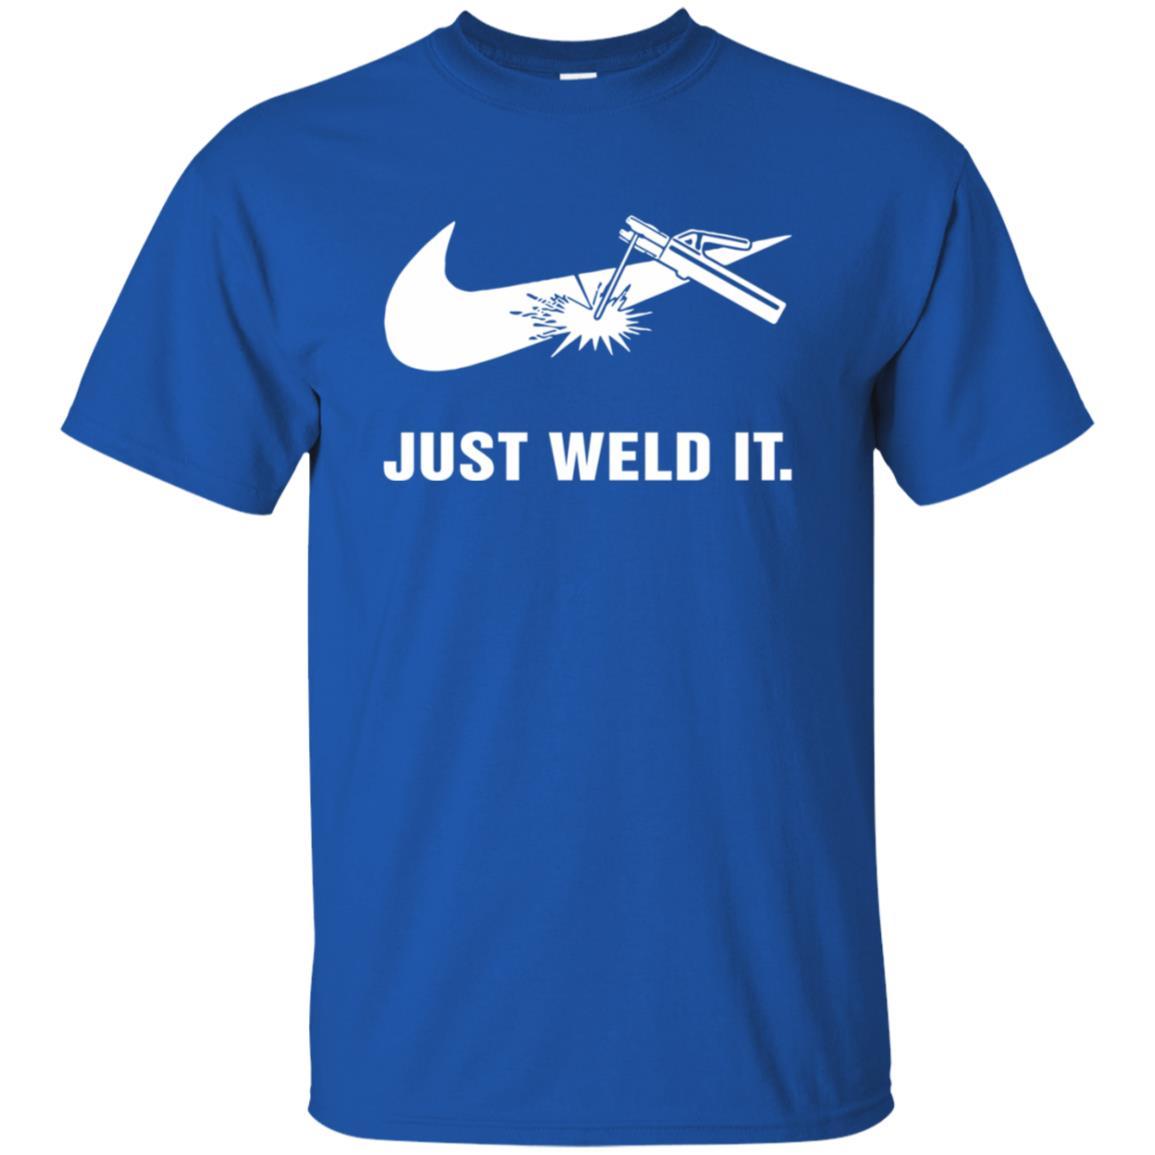 c97288048d Just Weld It Shirt - 10% Off - FavorMerch